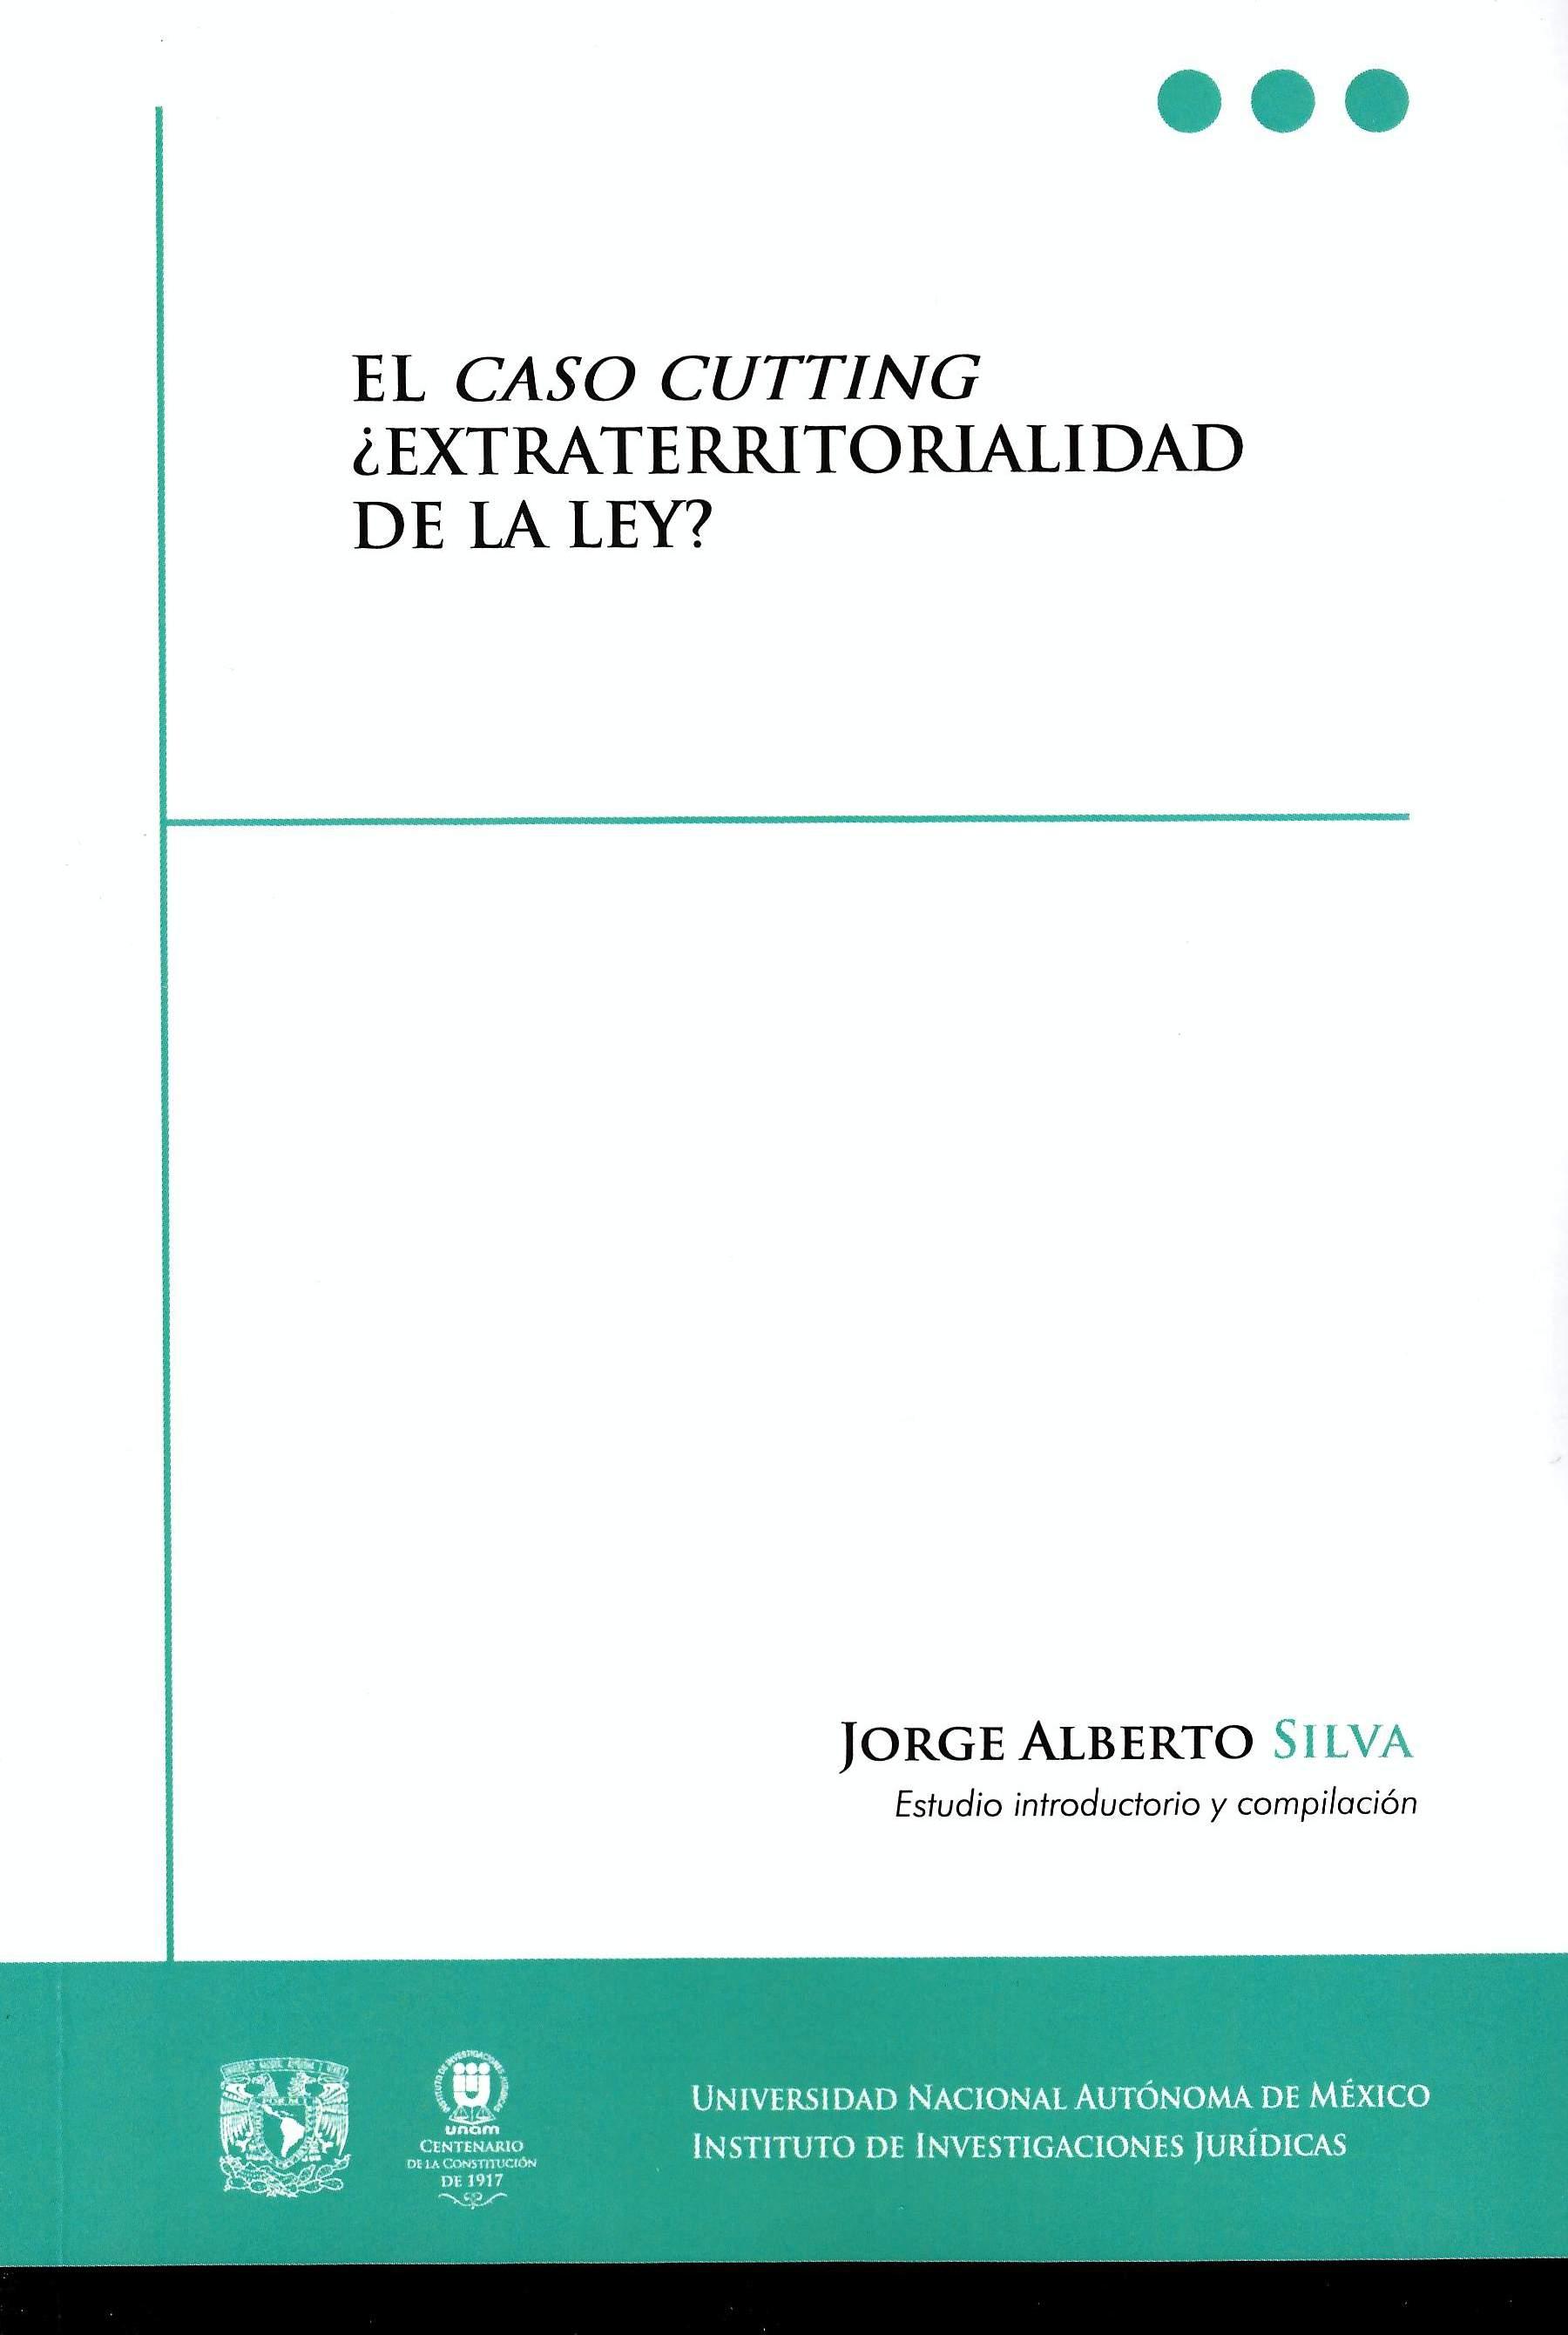 El Caso Cutting ¿Extraterritorialidad de la ley? Documentos derivados de una reclamación diplomática